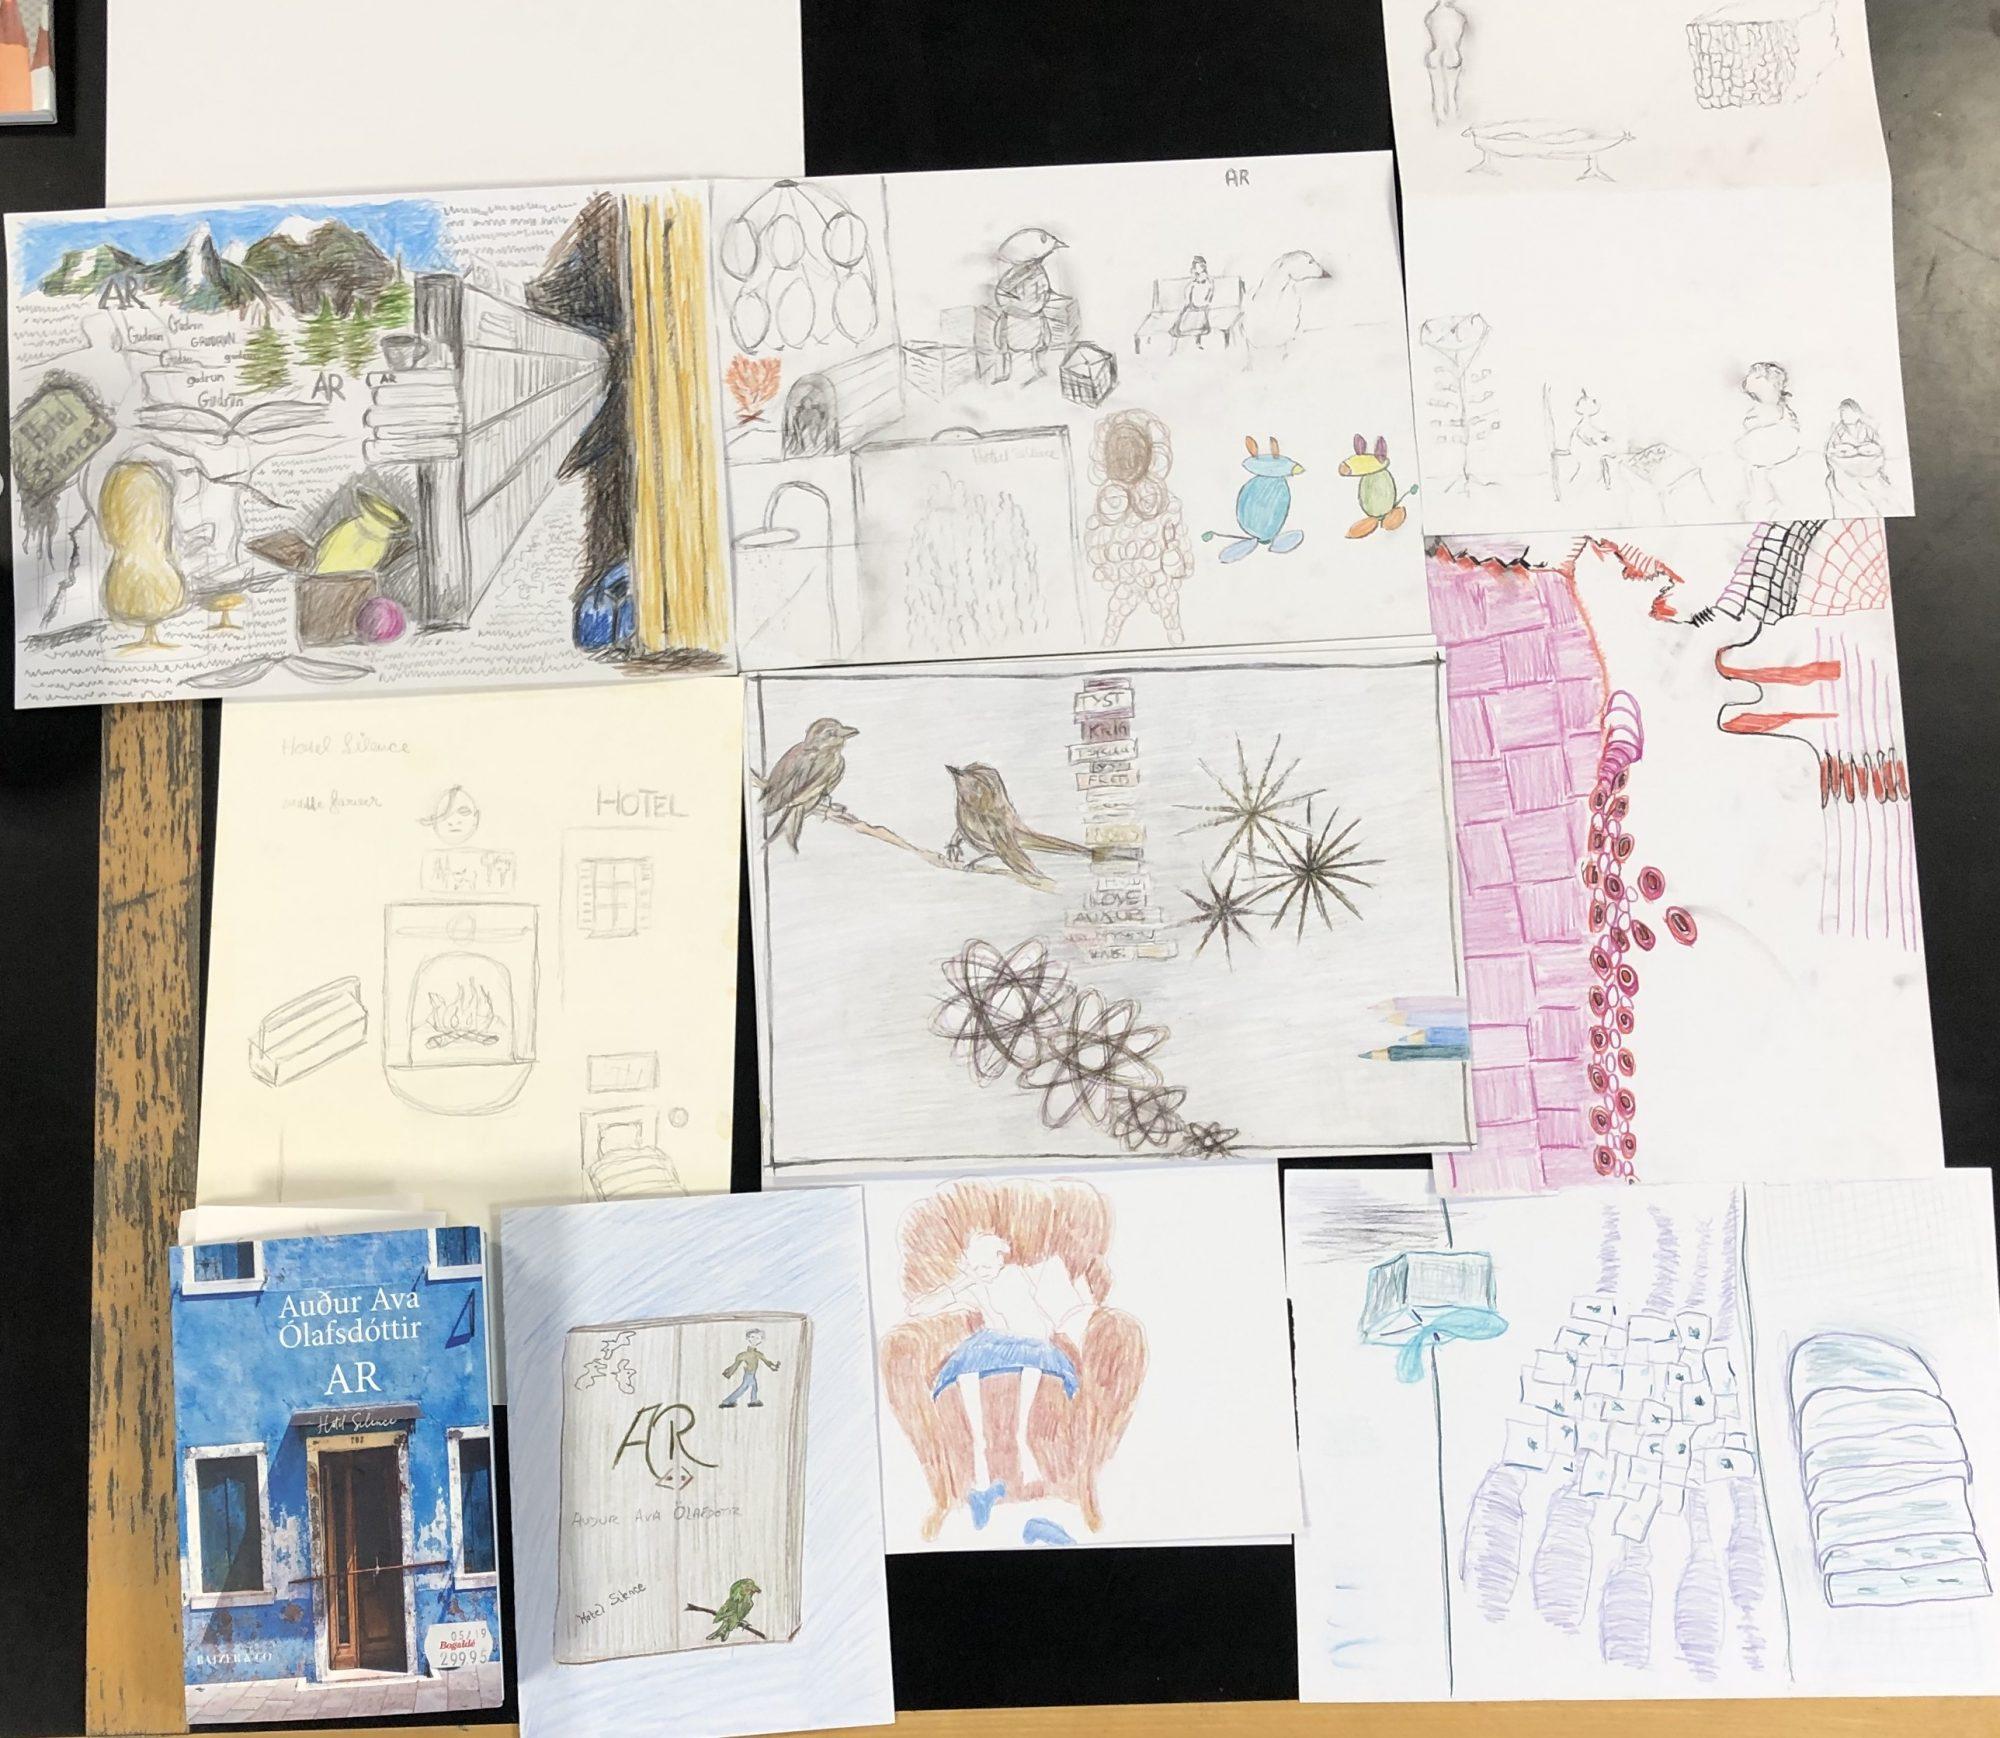 Tegninger fra Tegn en bog workshop på Farum Bibliotek 23. november